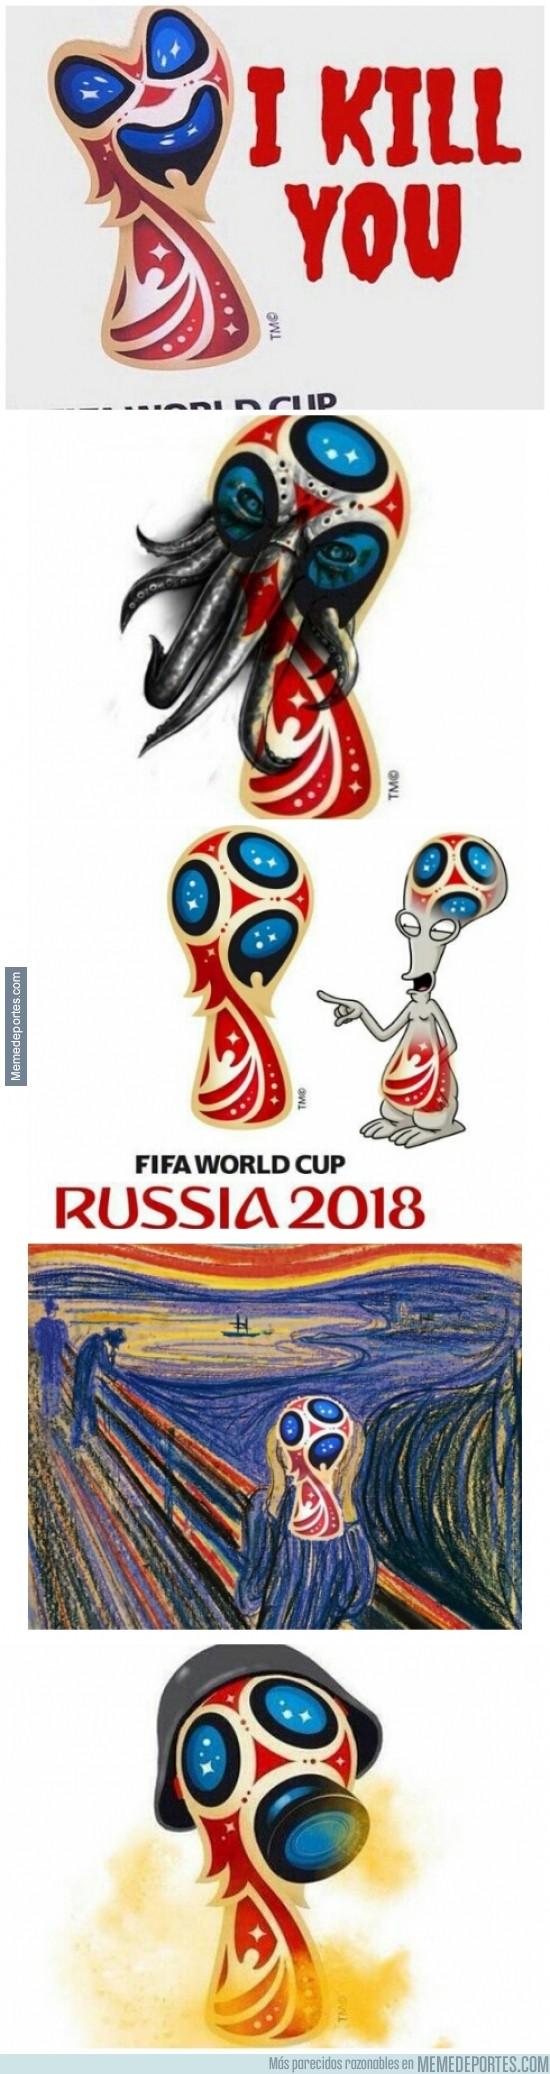 404904 - Los mejores memes del logo del mundial de Rusia 2018